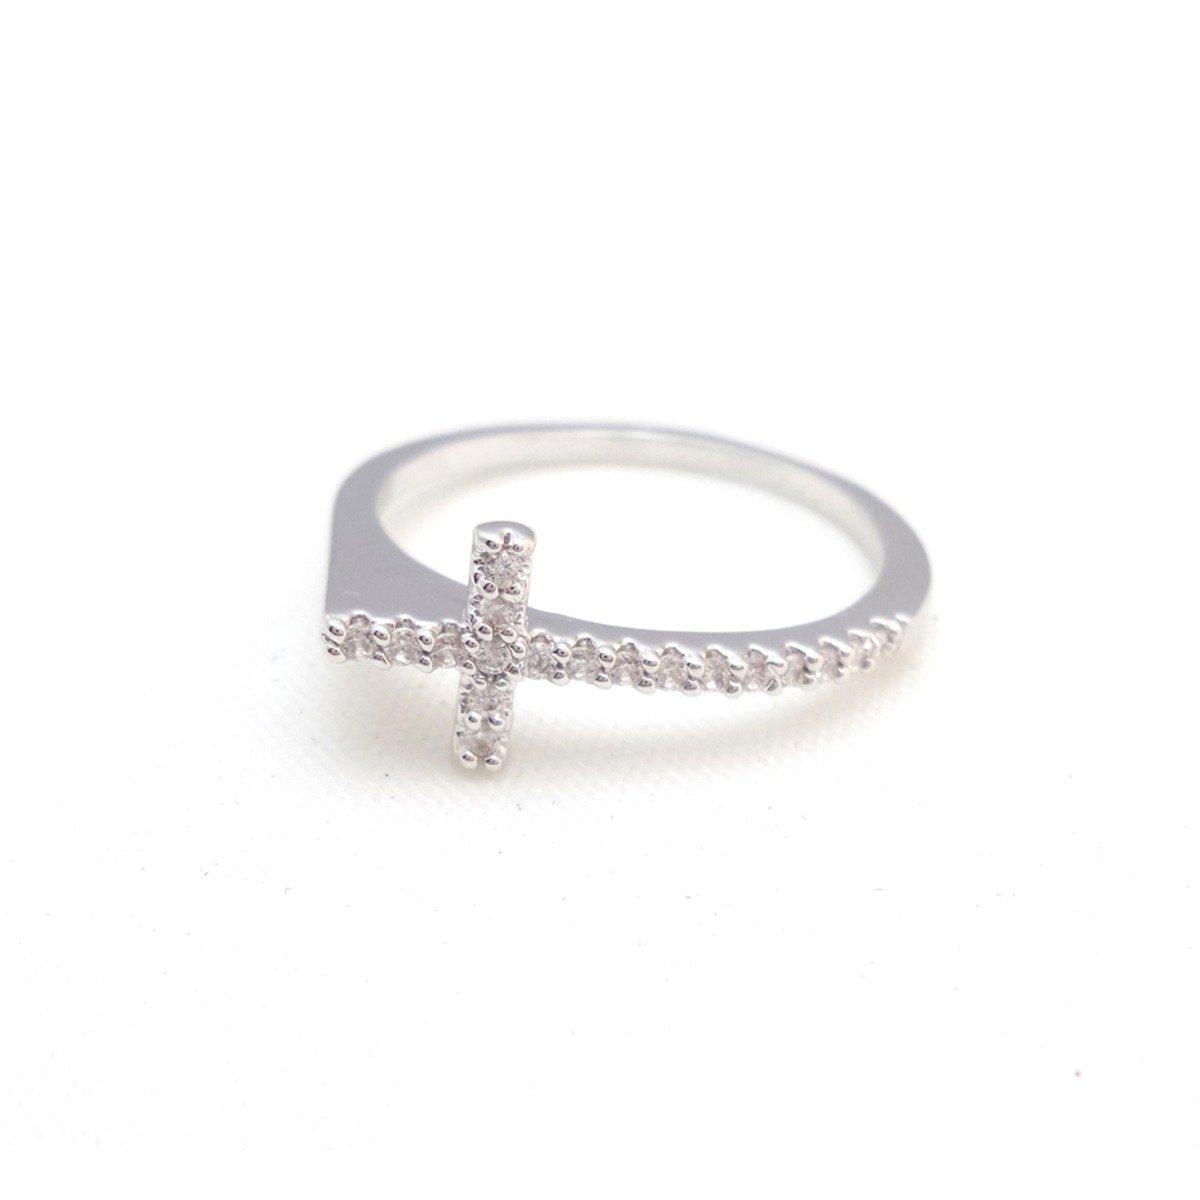 銀色十字閃石指環